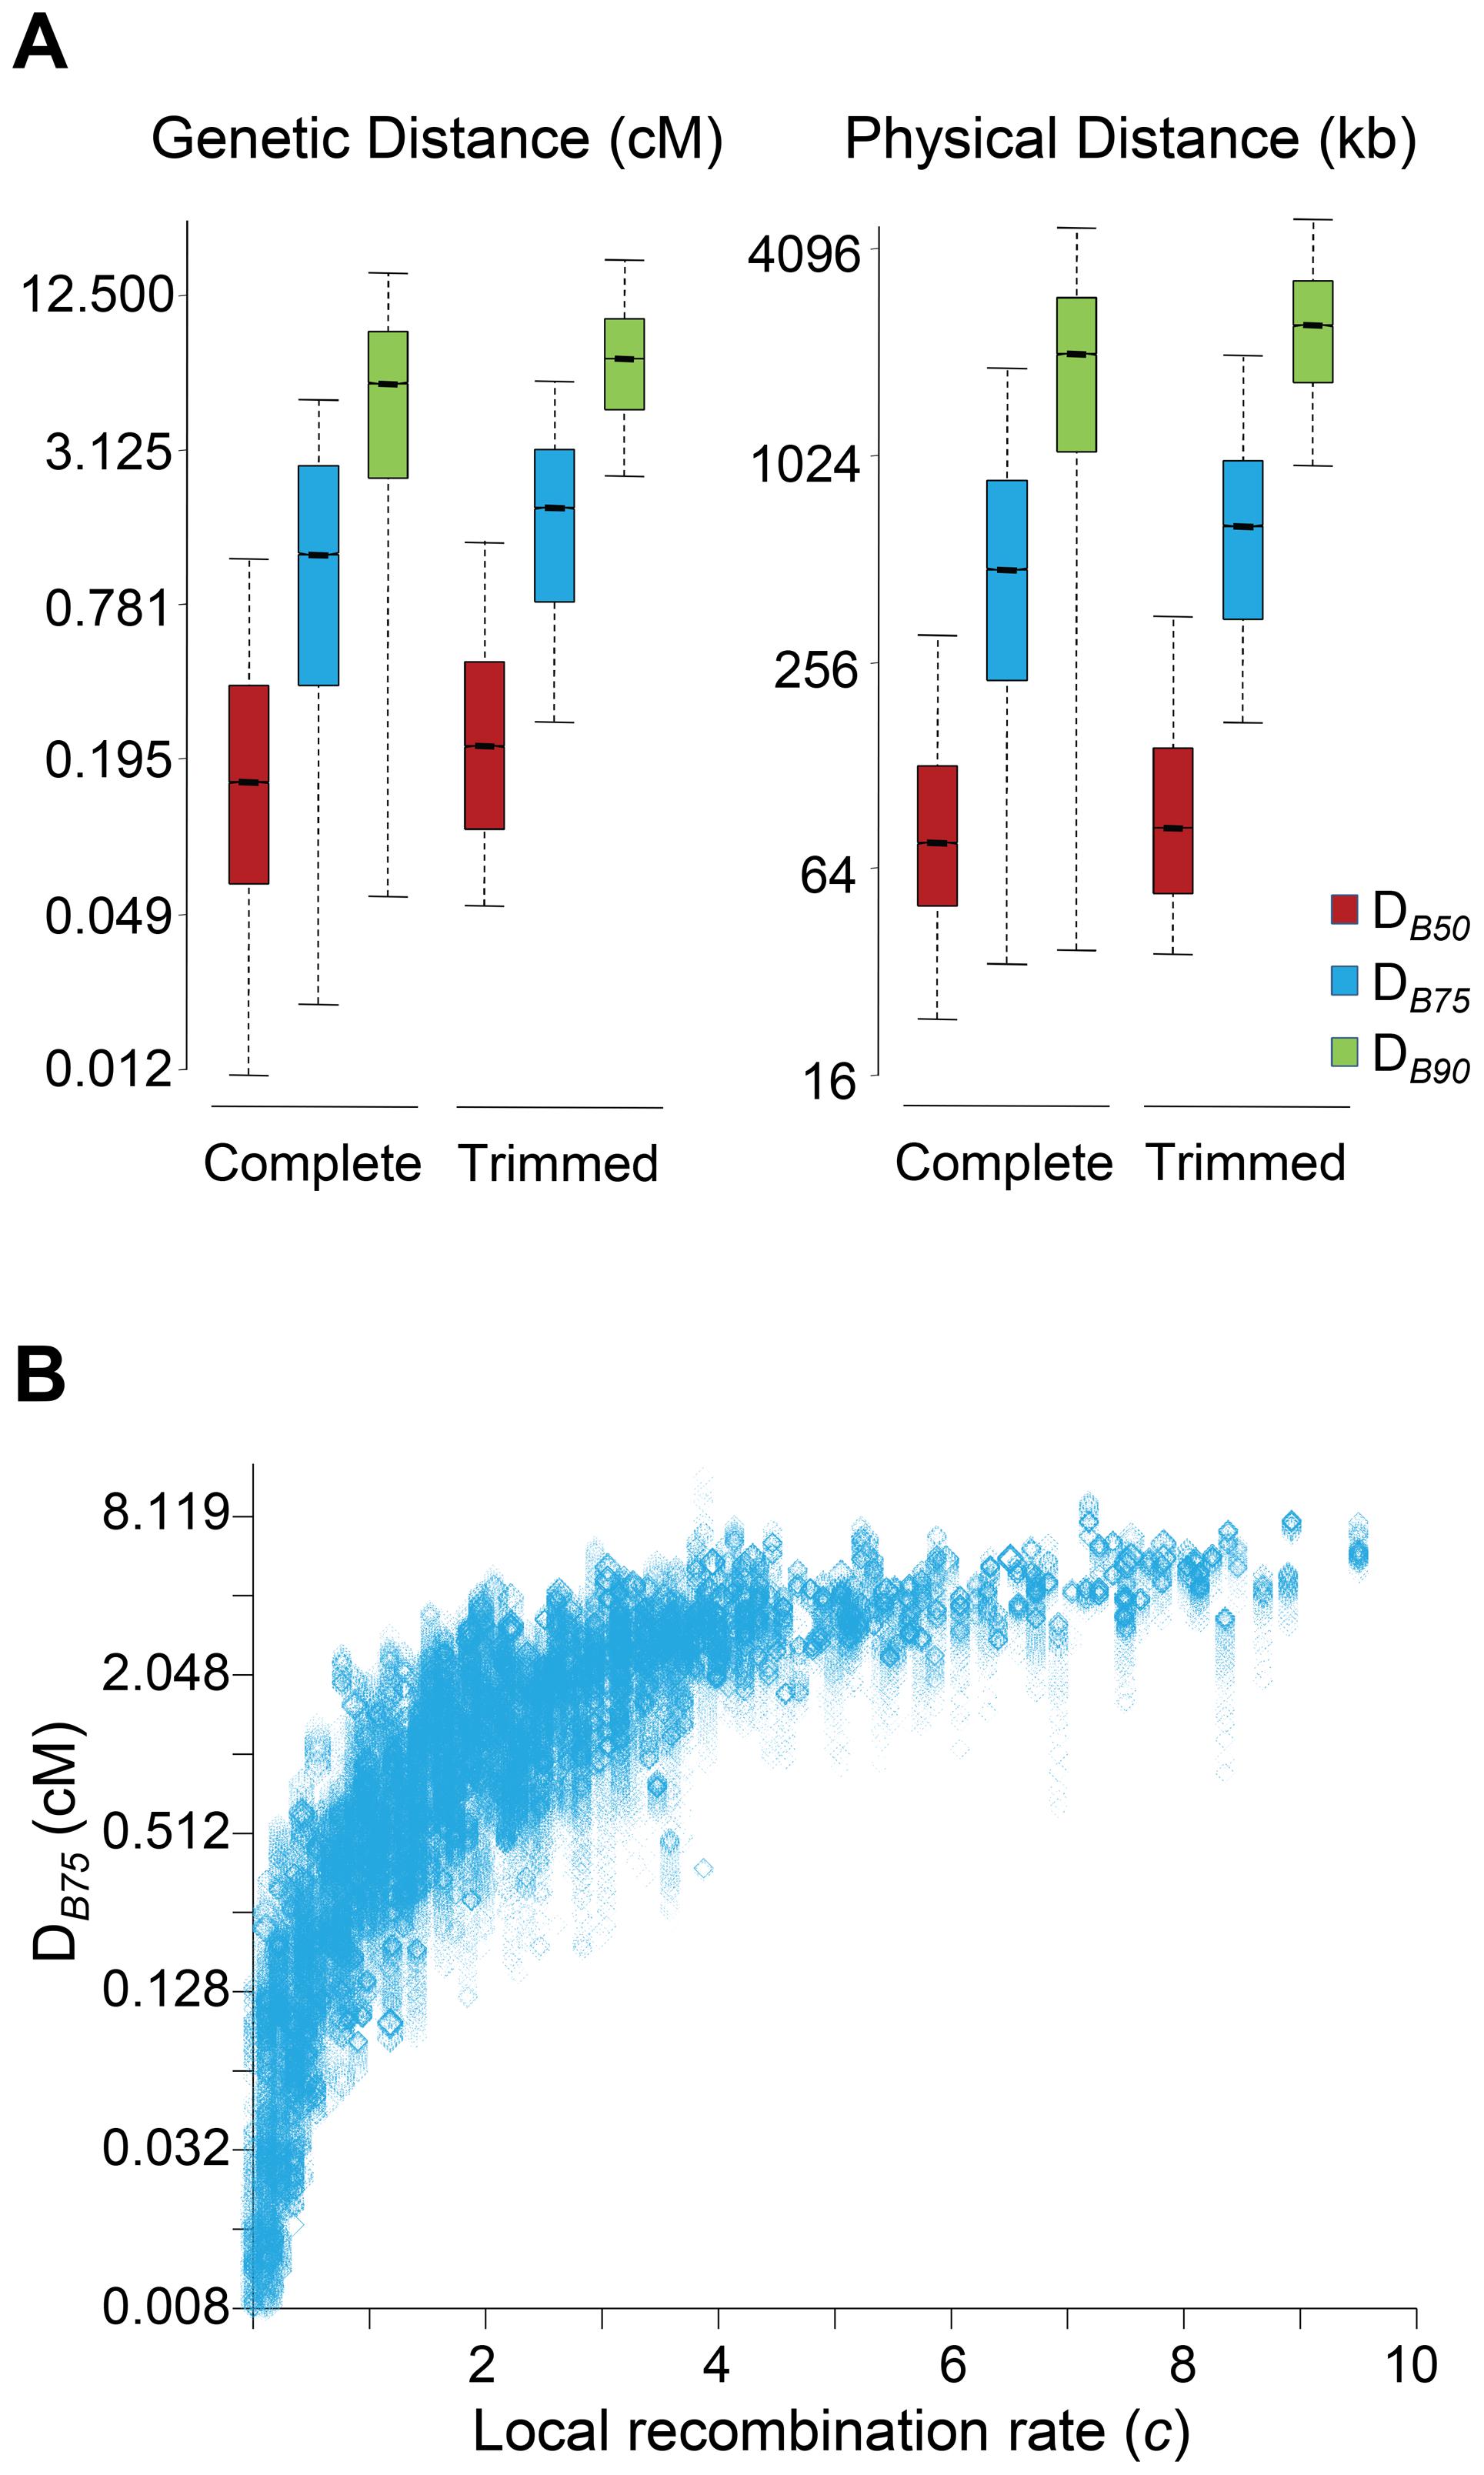 Genomic distance influencing patterns of BGS in <i>D. melanogaster</i>.